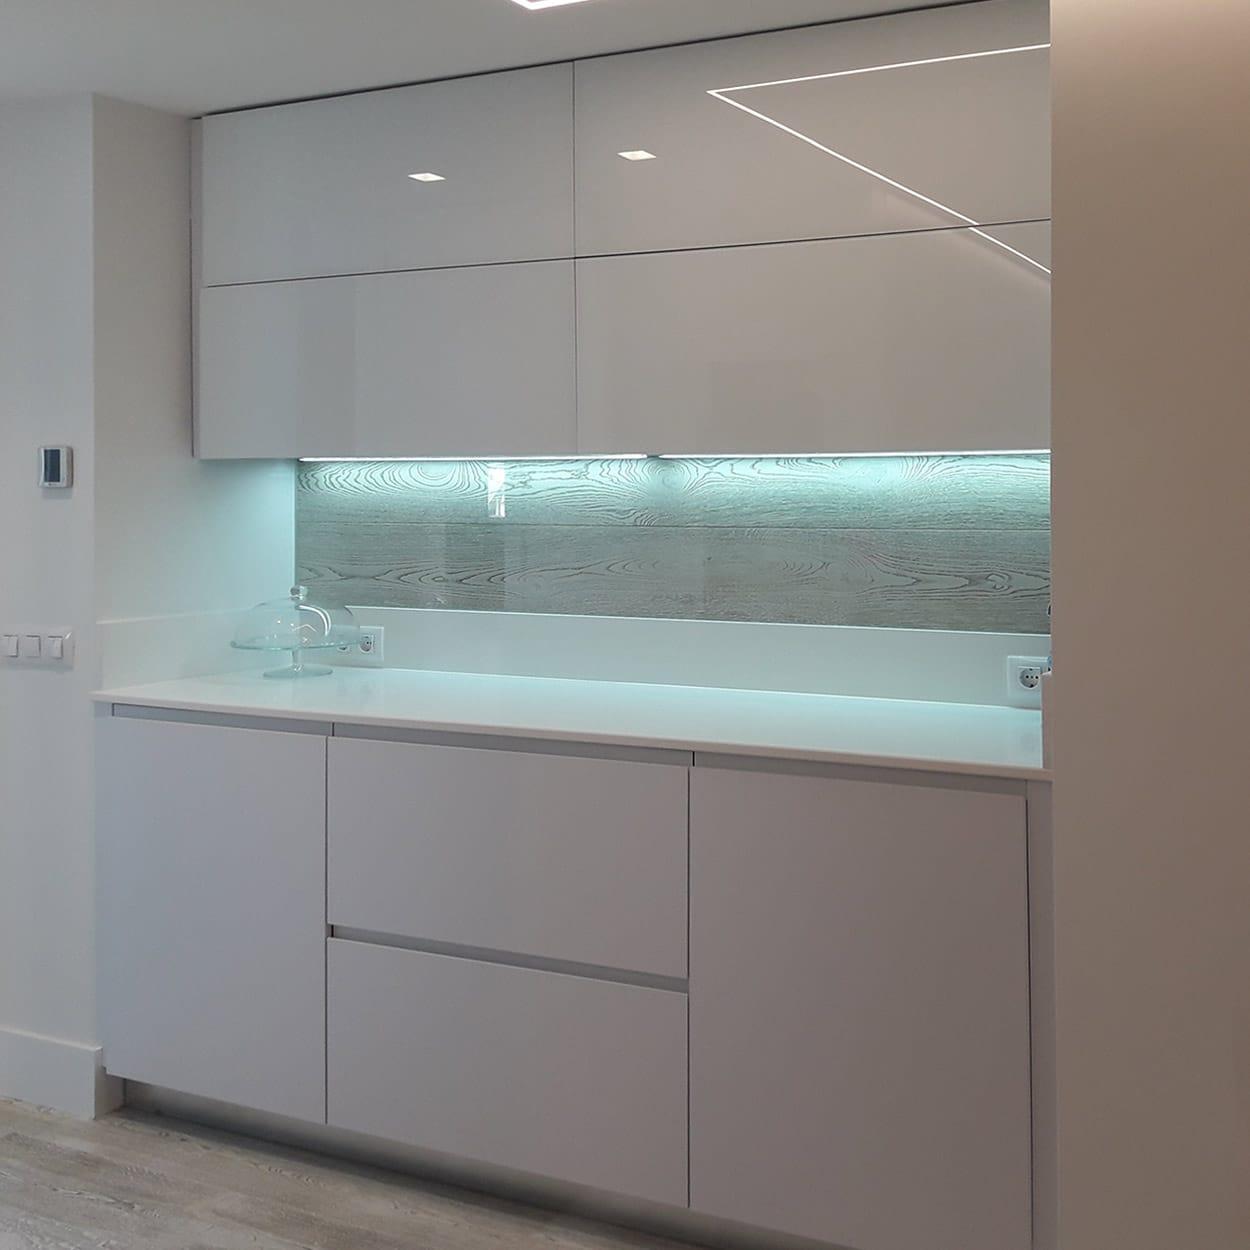 Muebles de cocina en blanco brillo con iluminación inferior